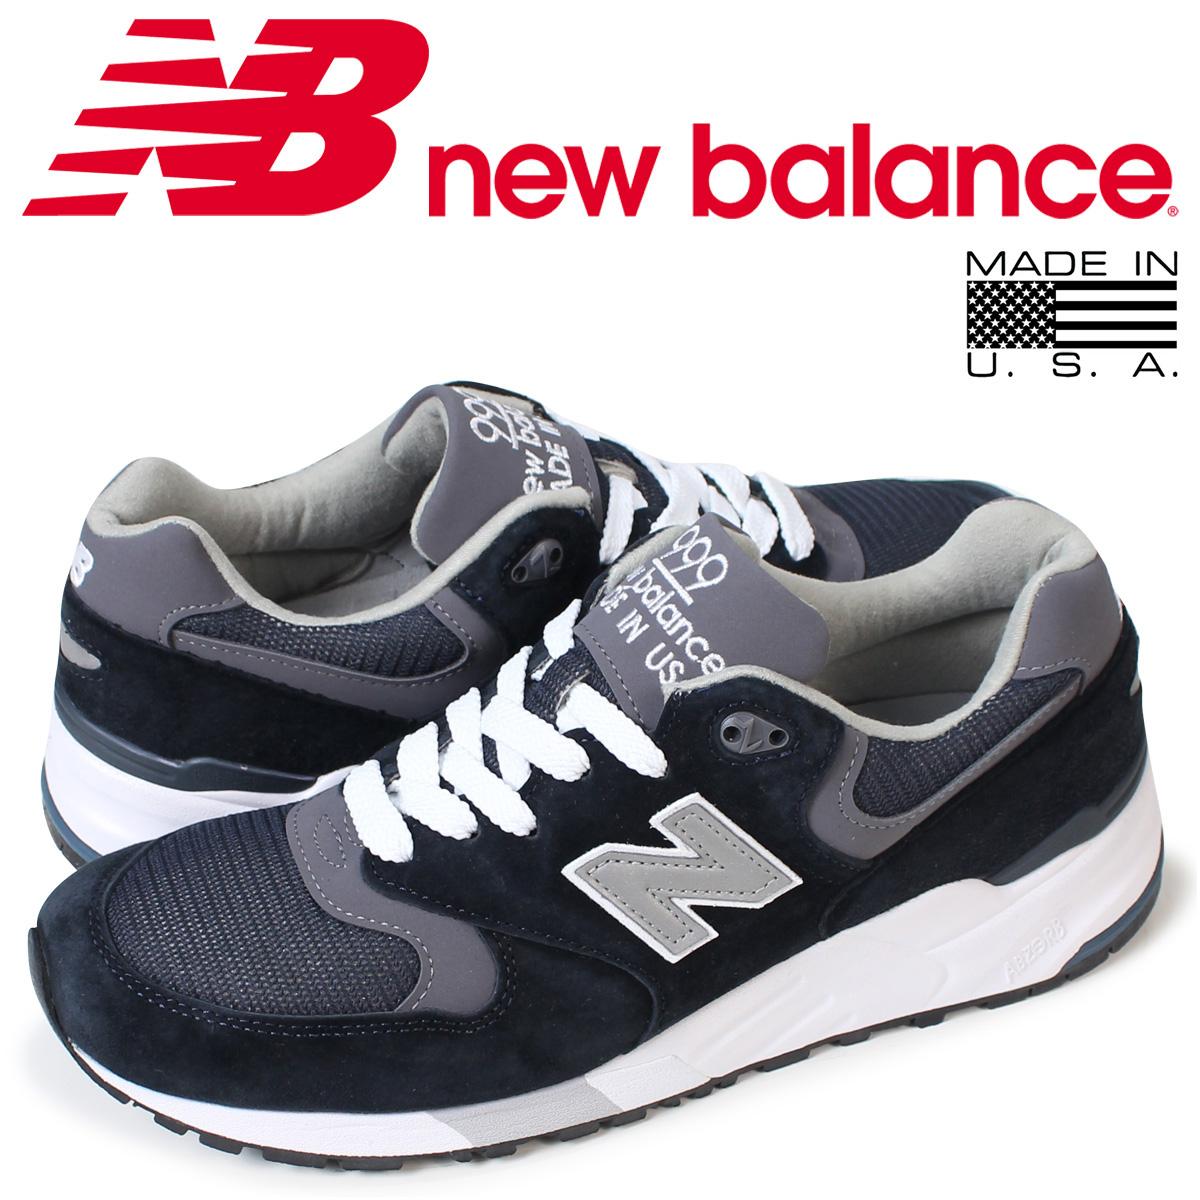 aca1da27b573b ニューバランス999メンズnewbalanceスニーカーM999CBLDワイズMADEINUSA靴ネイビー[予約商品9/29 · Larger  View · ニューバランス999メンズnewbalance ...